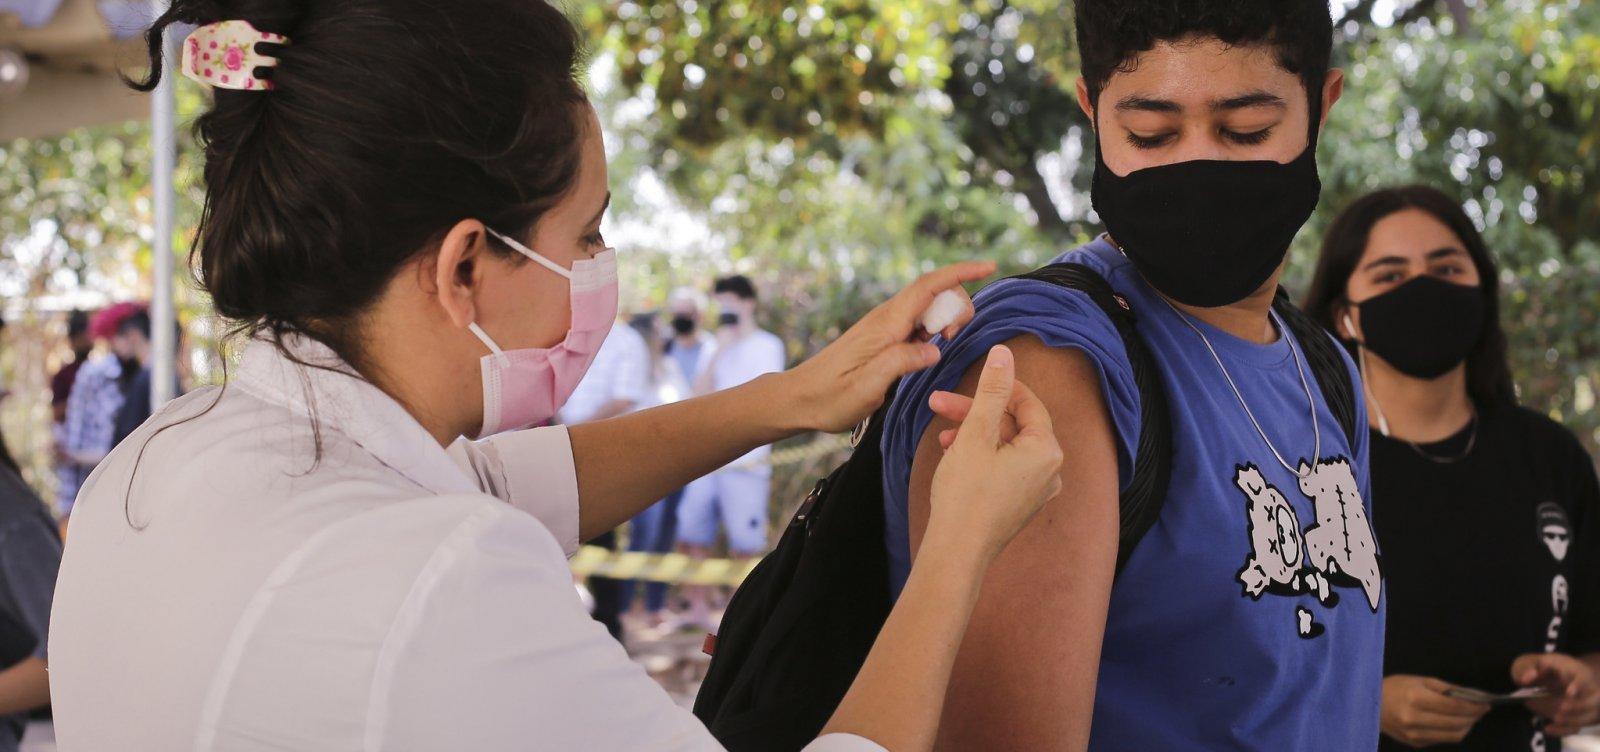 Estados e municípios podem decidir sobre vacinação de adolescentes, diz Lewandowski